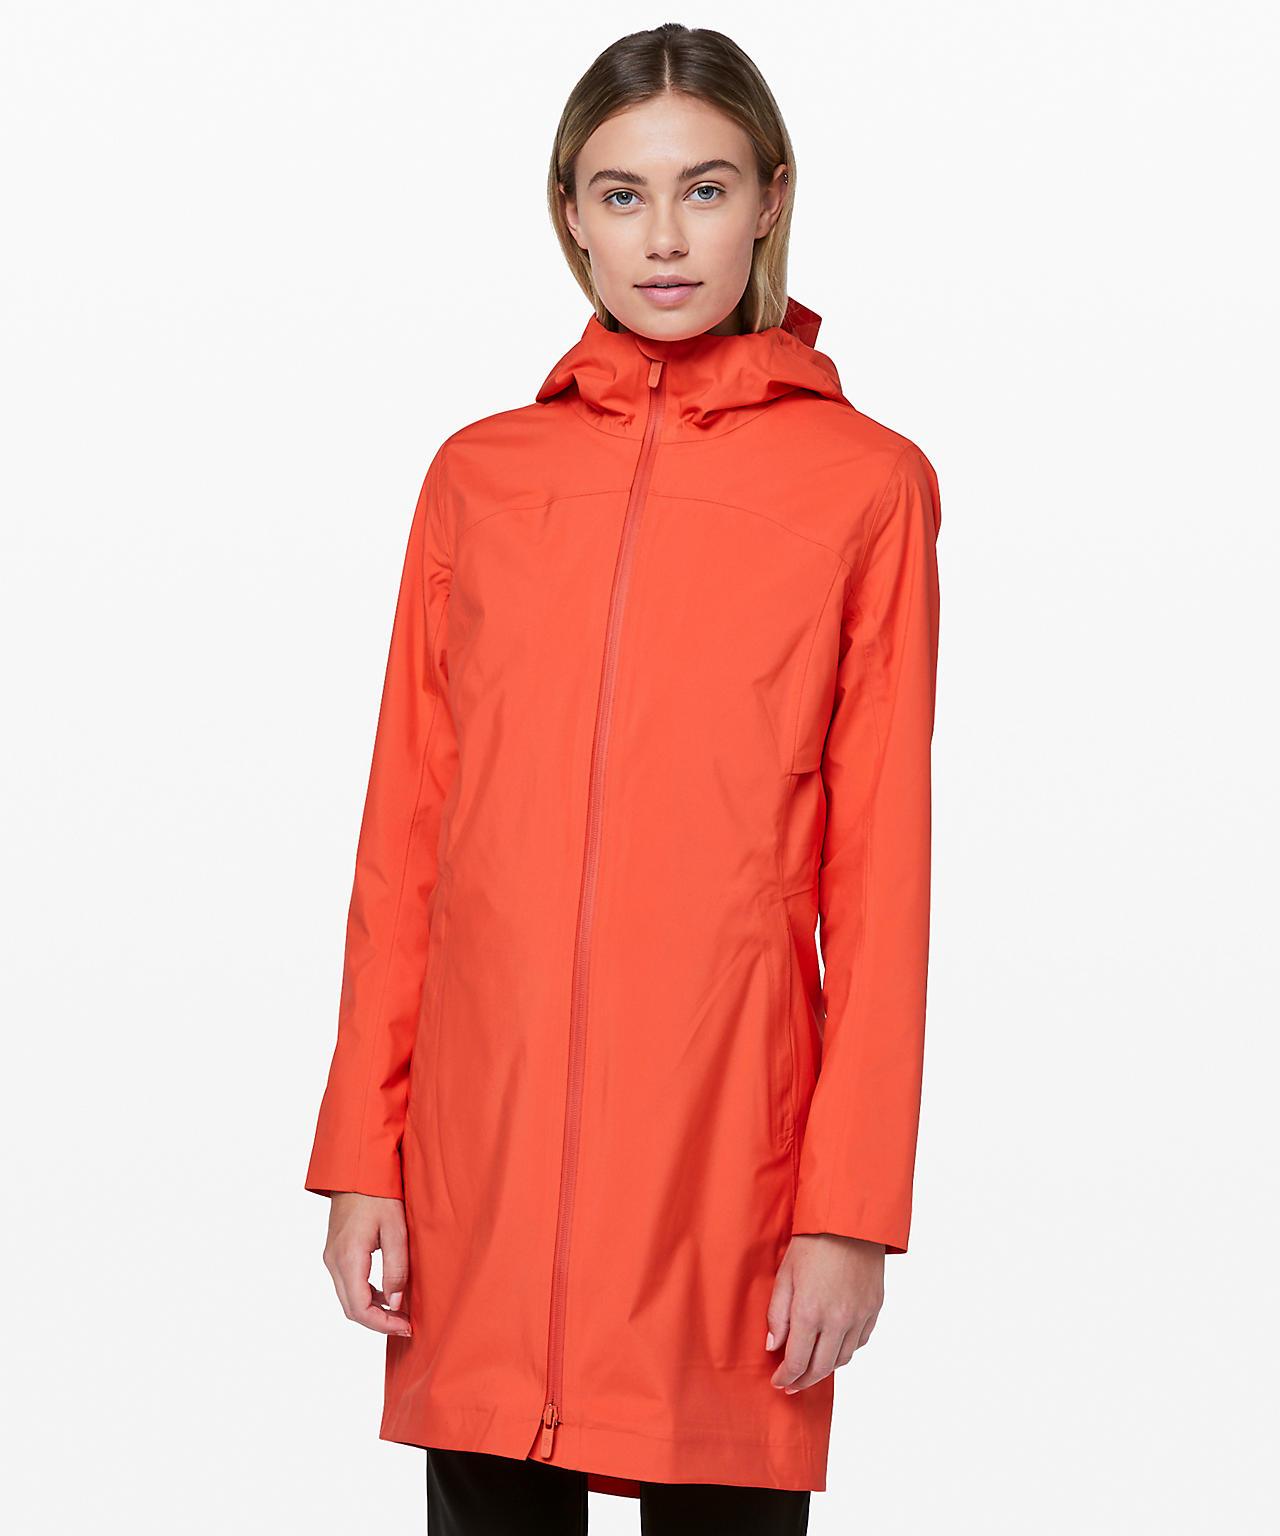 Rain Rebel Jacket, Lululemon